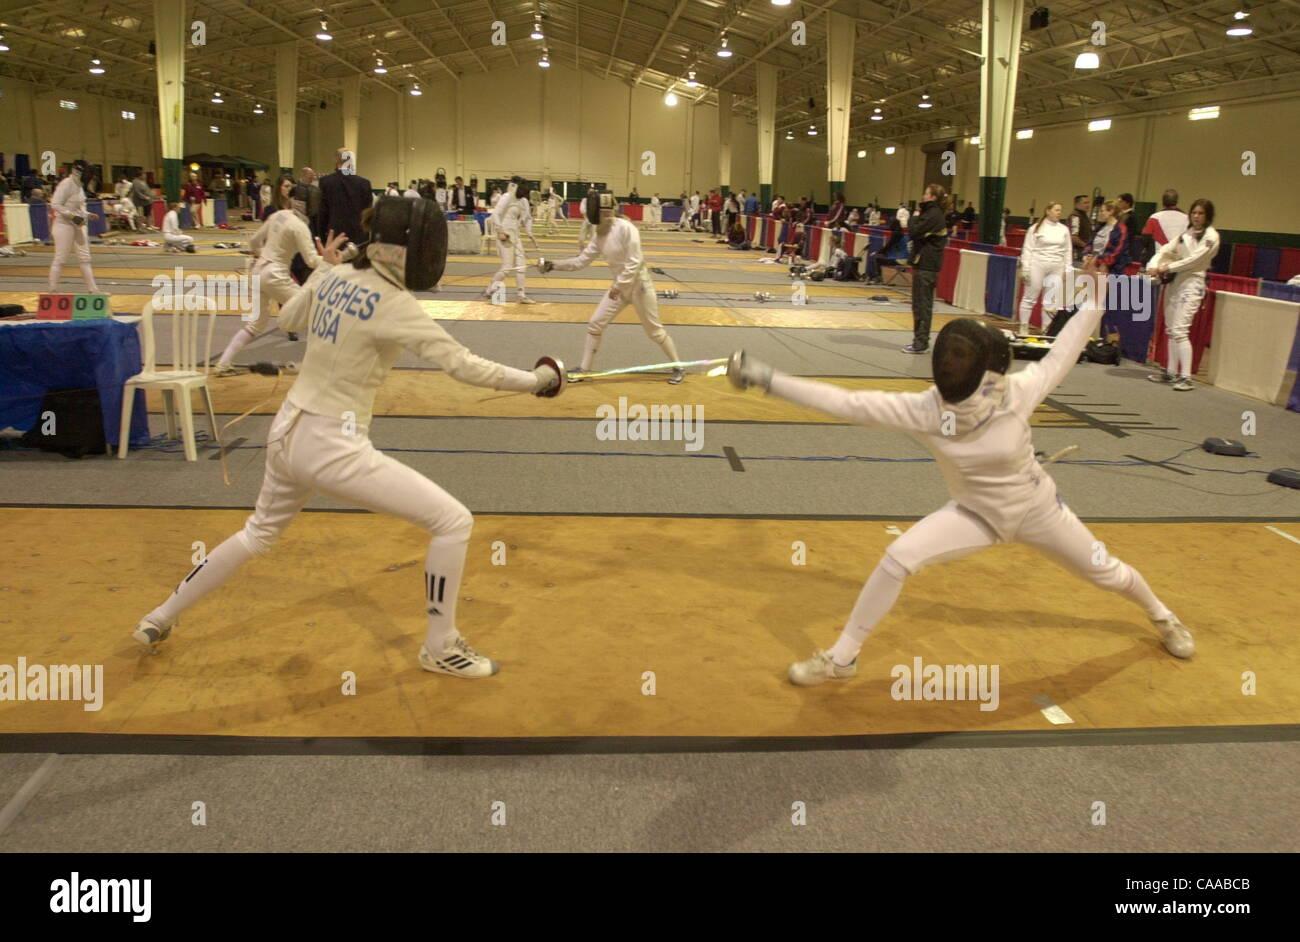 Camille Ford,Kim Chiu (b. 1990) XXX pic AJ Michalka,Marc Warren (born 1967)